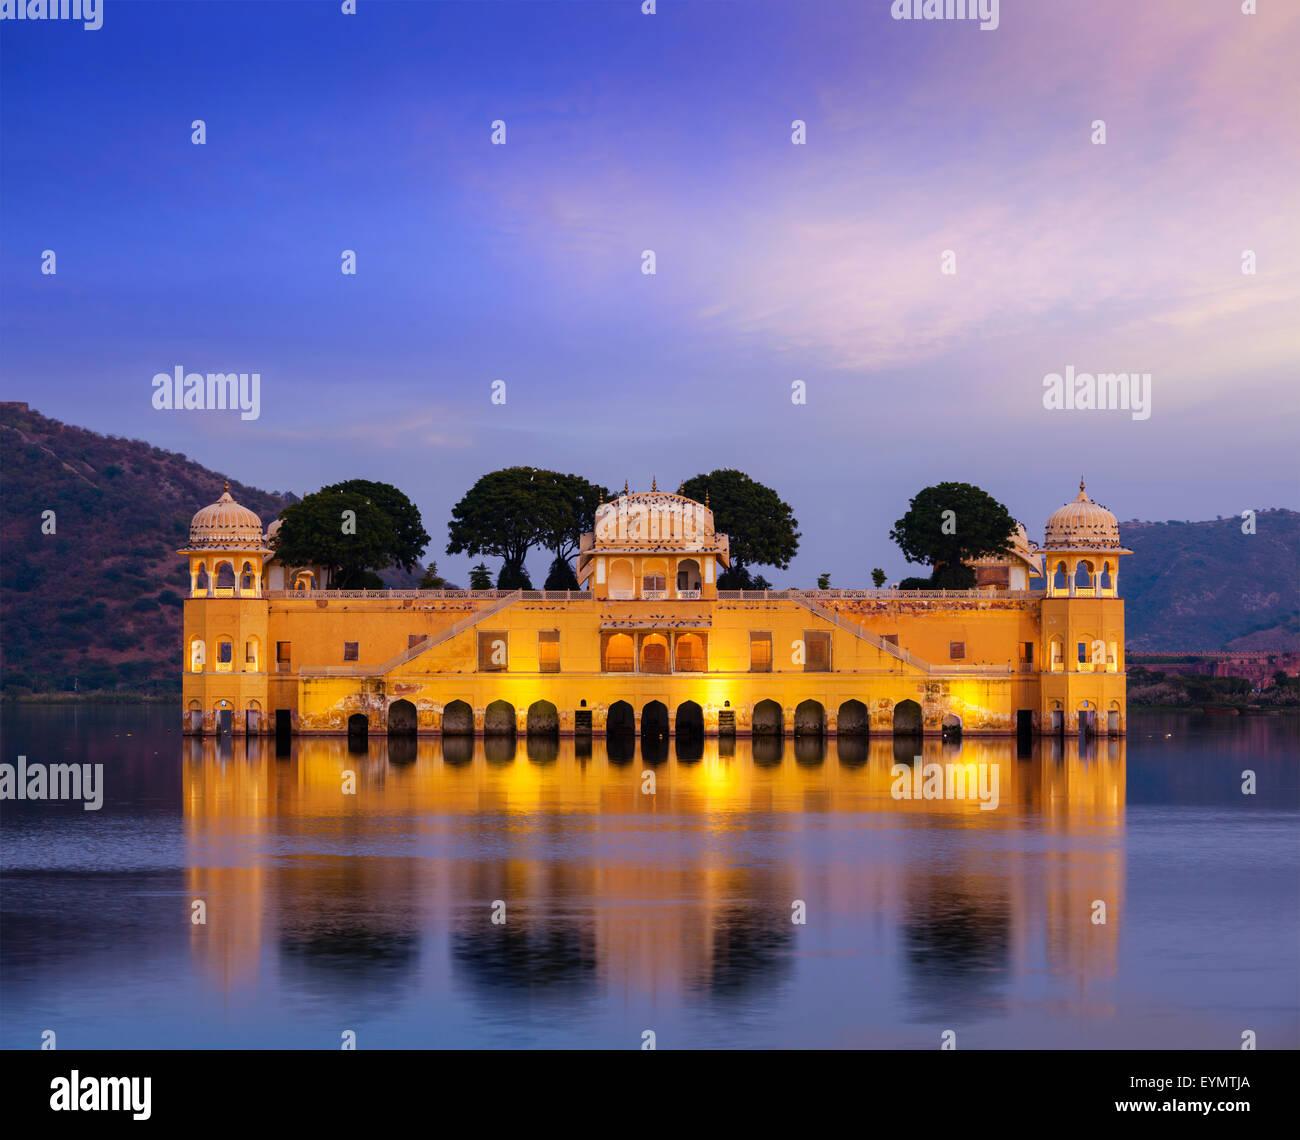 Hito de Rajasthan - Jal Mahal, Palacio de agua sobre el Hombre Sagar Lake en la tarde en el crepúsculo. Jaipur, Imagen De Stock